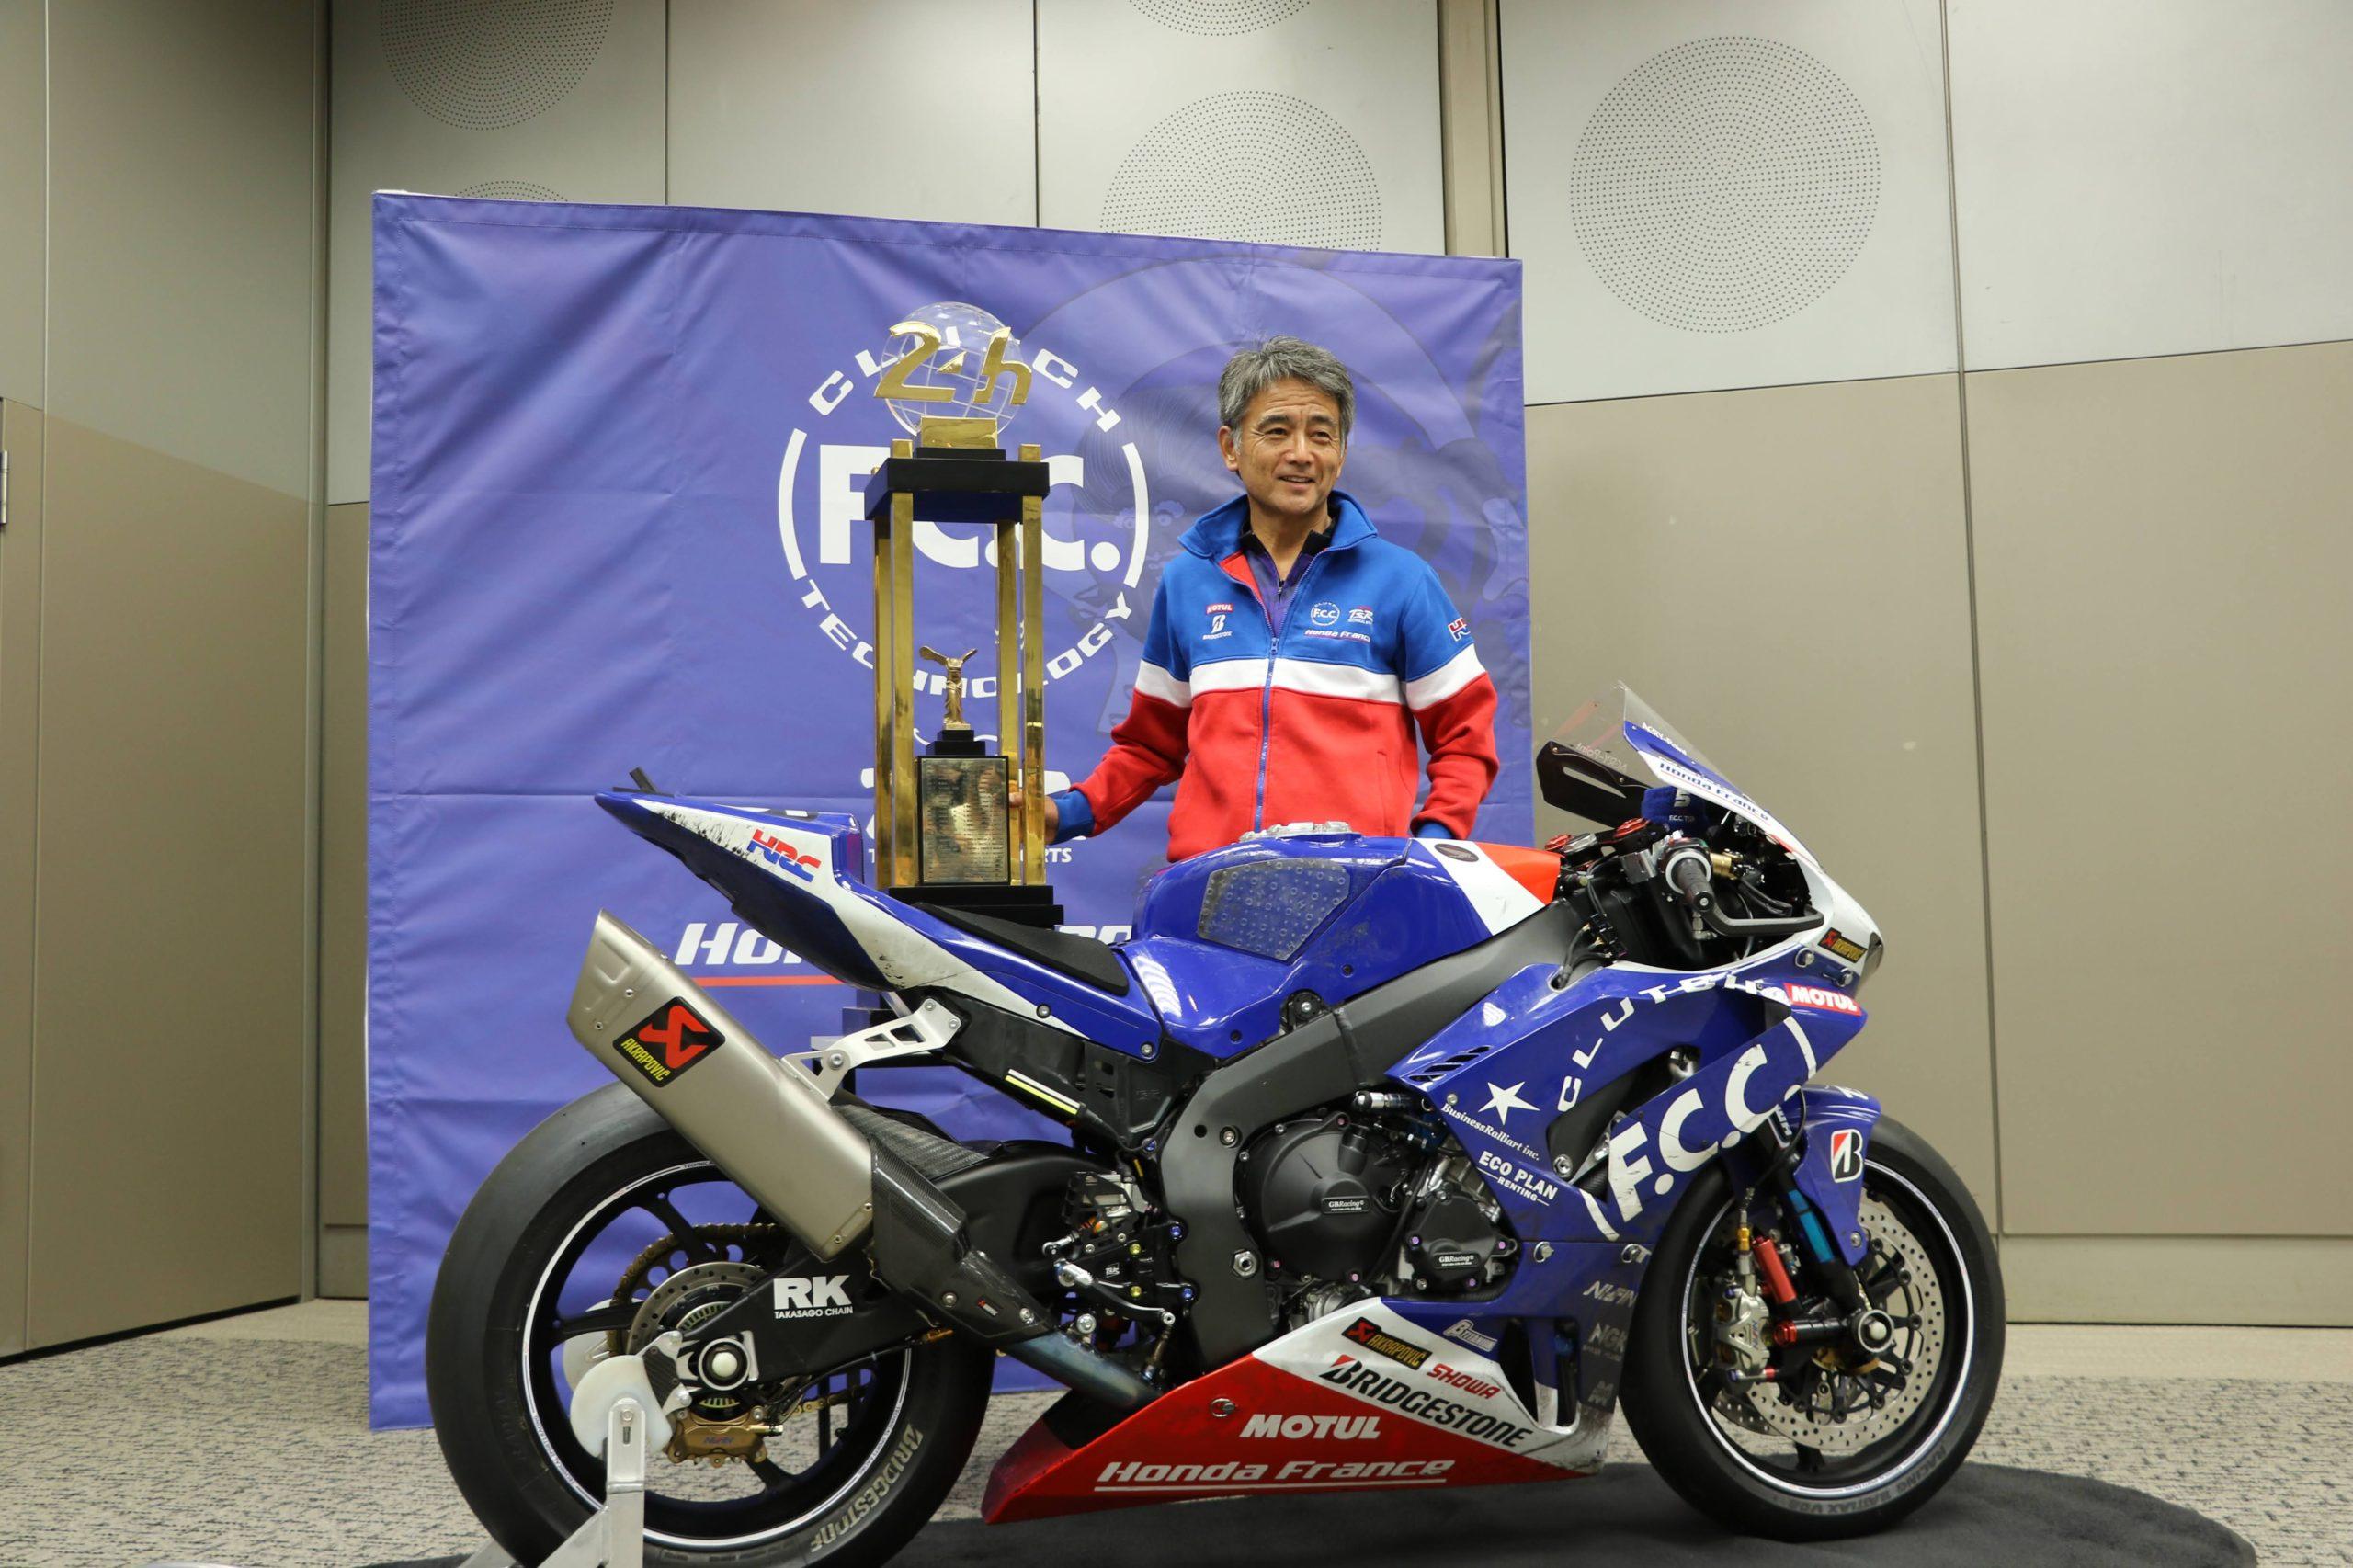 ルマン24時間優勝! F.C.C. TSR Honda France 藤井正和総監督コロナ禍の想い「来年は鈴鹿で戦いたい」